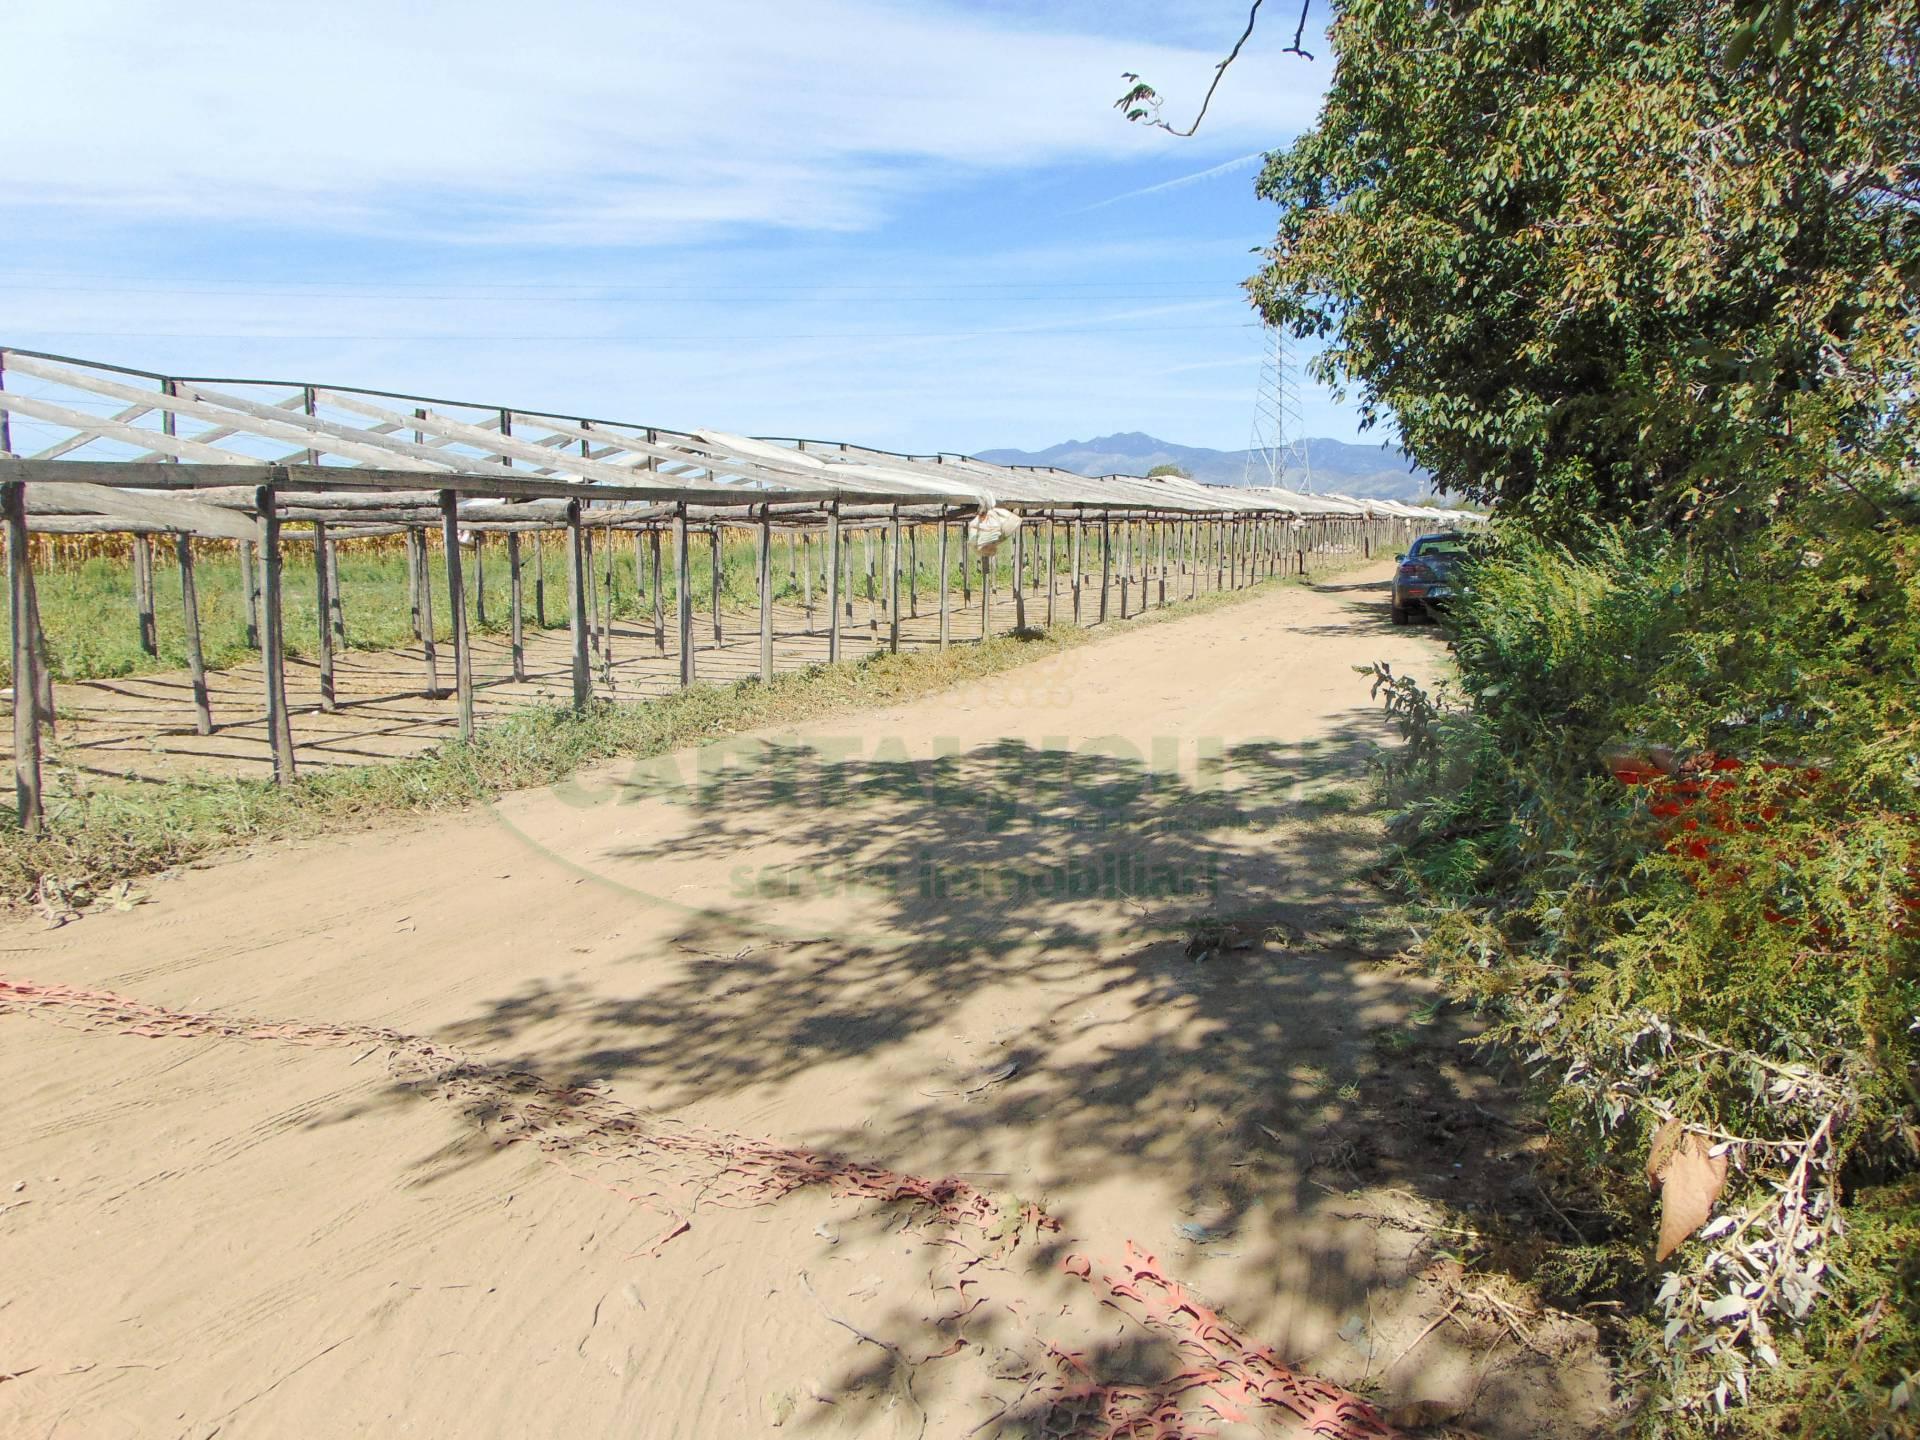 Terreno Agricolo in vendita a Santa Maria Capua Vetere, 9999 locali, zona Località: Zonanuova, prezzo € 7.000 | CambioCasa.it